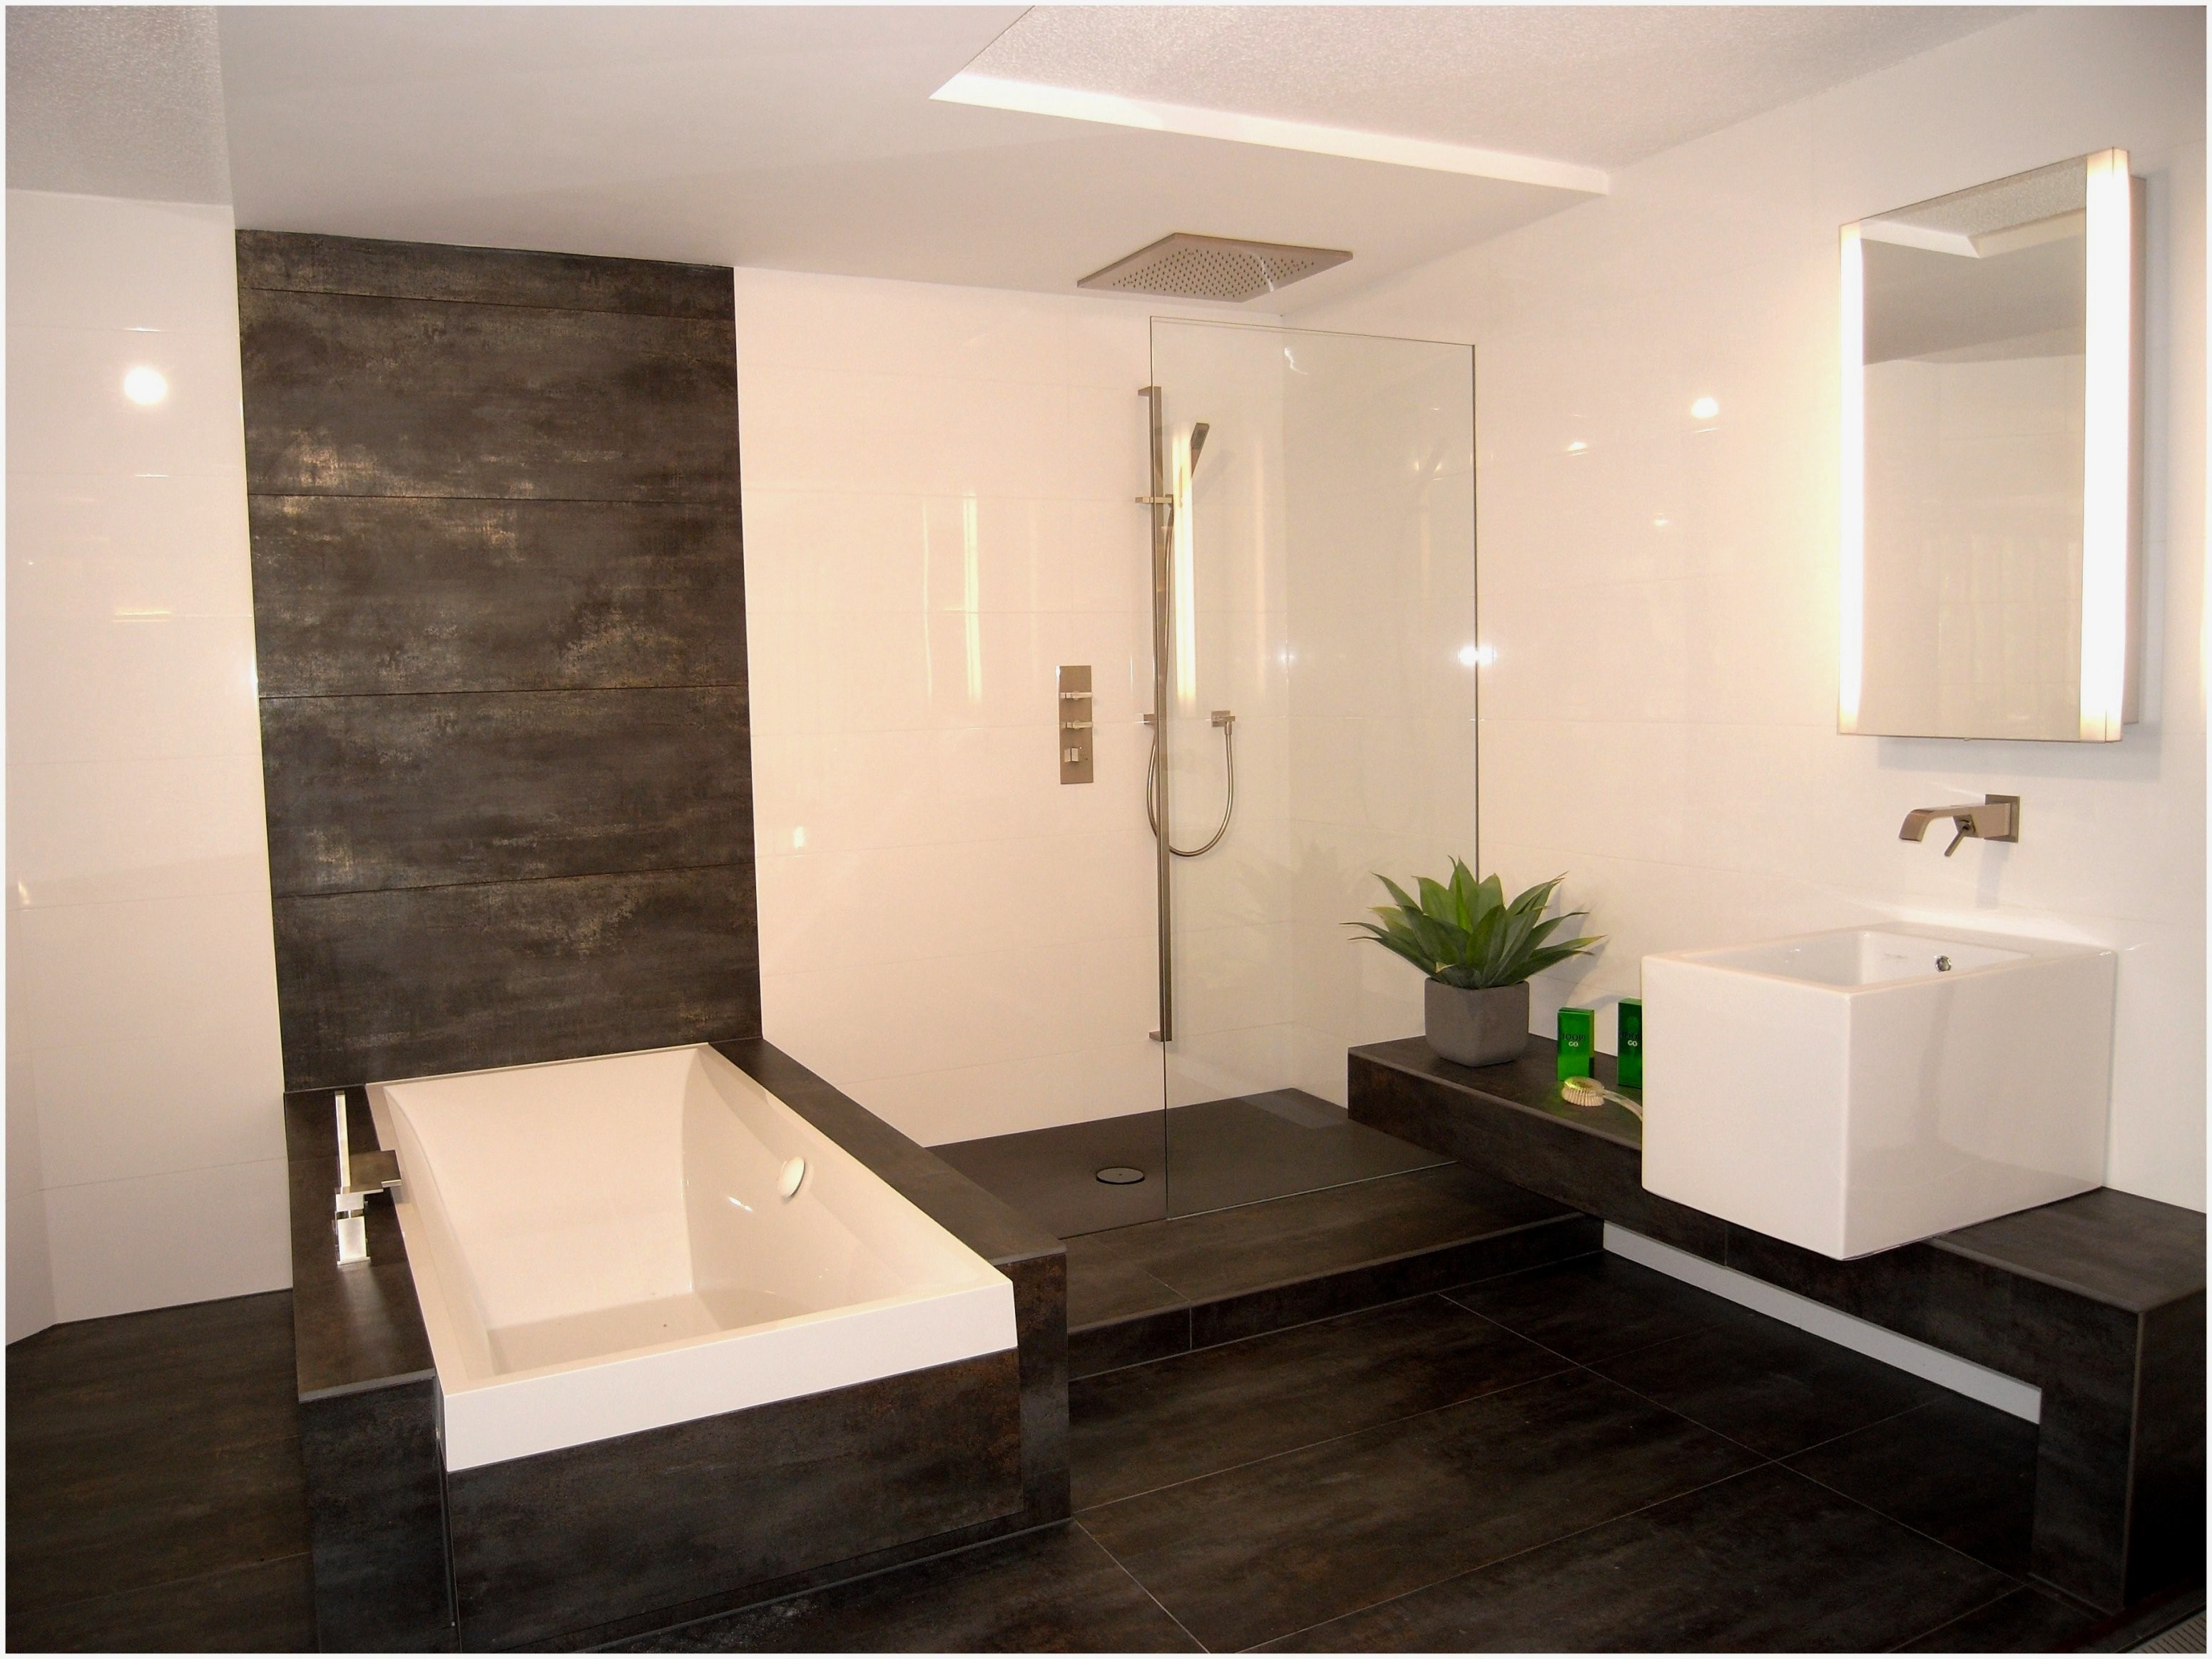 Planung Badezimmer Ideen  Frische Haus Ideen von Planung Badezimmer Ideen Bild